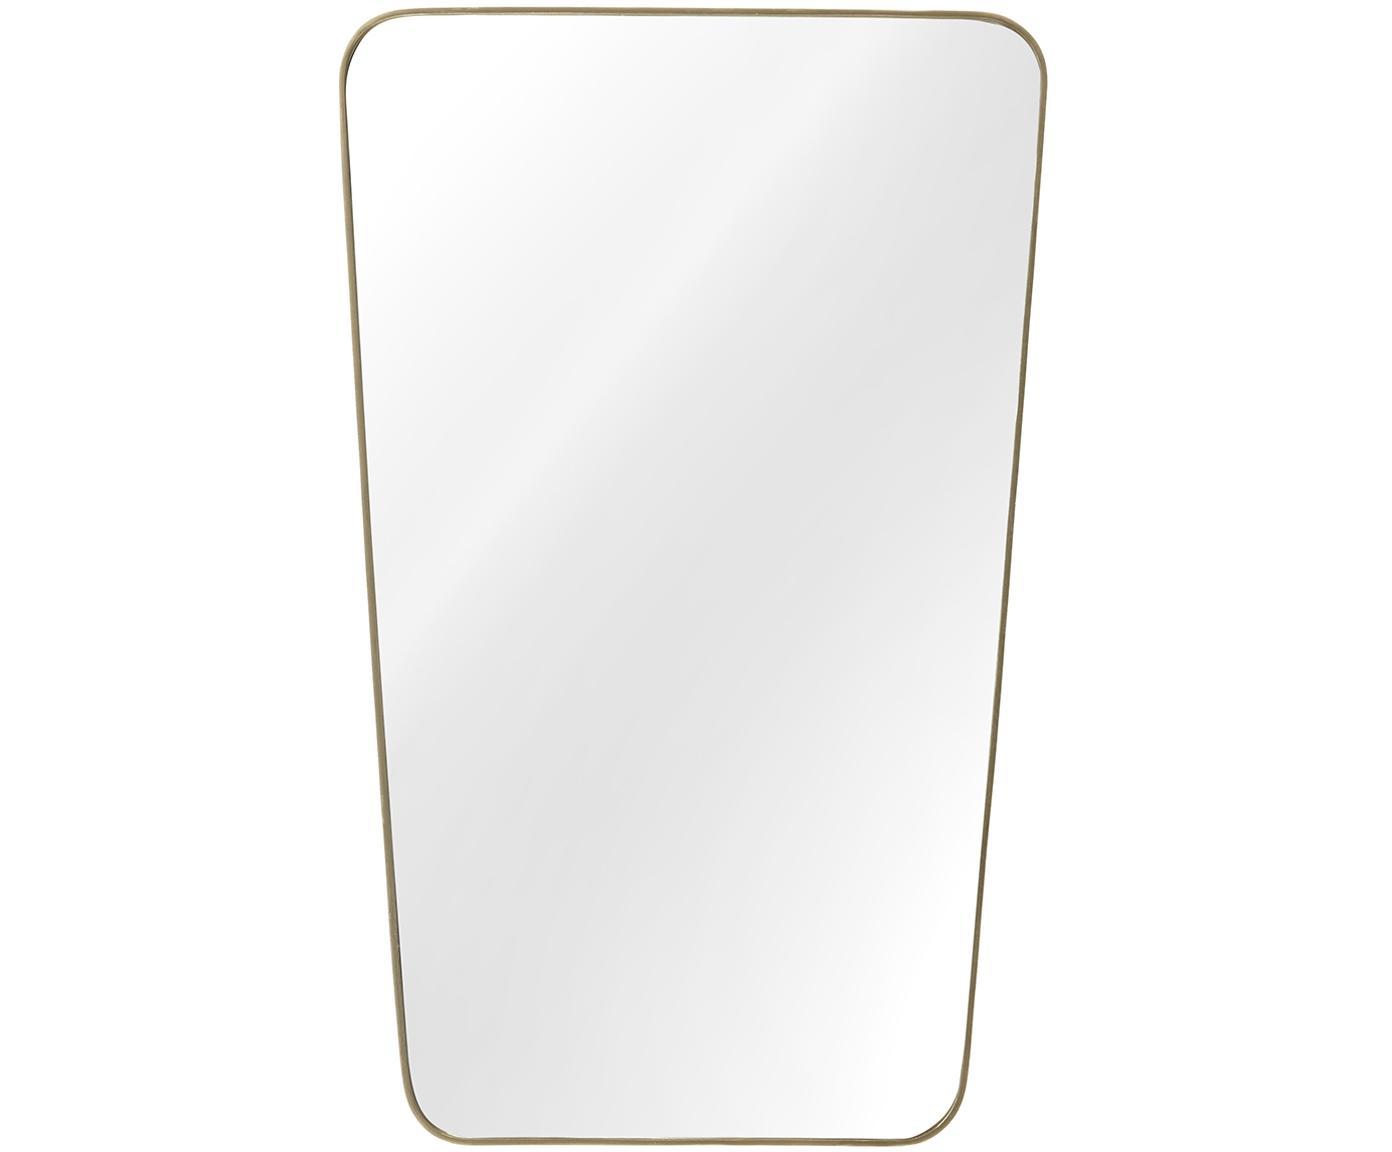 Eckiger Wandspiegel Adrienne mit gebürstetem Rahmen, Rahmen: Metall, vermessingt, Spiegelfläche: Spiegelglas, Rückseite: Mitteldichte Holzfaserpla, Messing, 50 x 80 cm